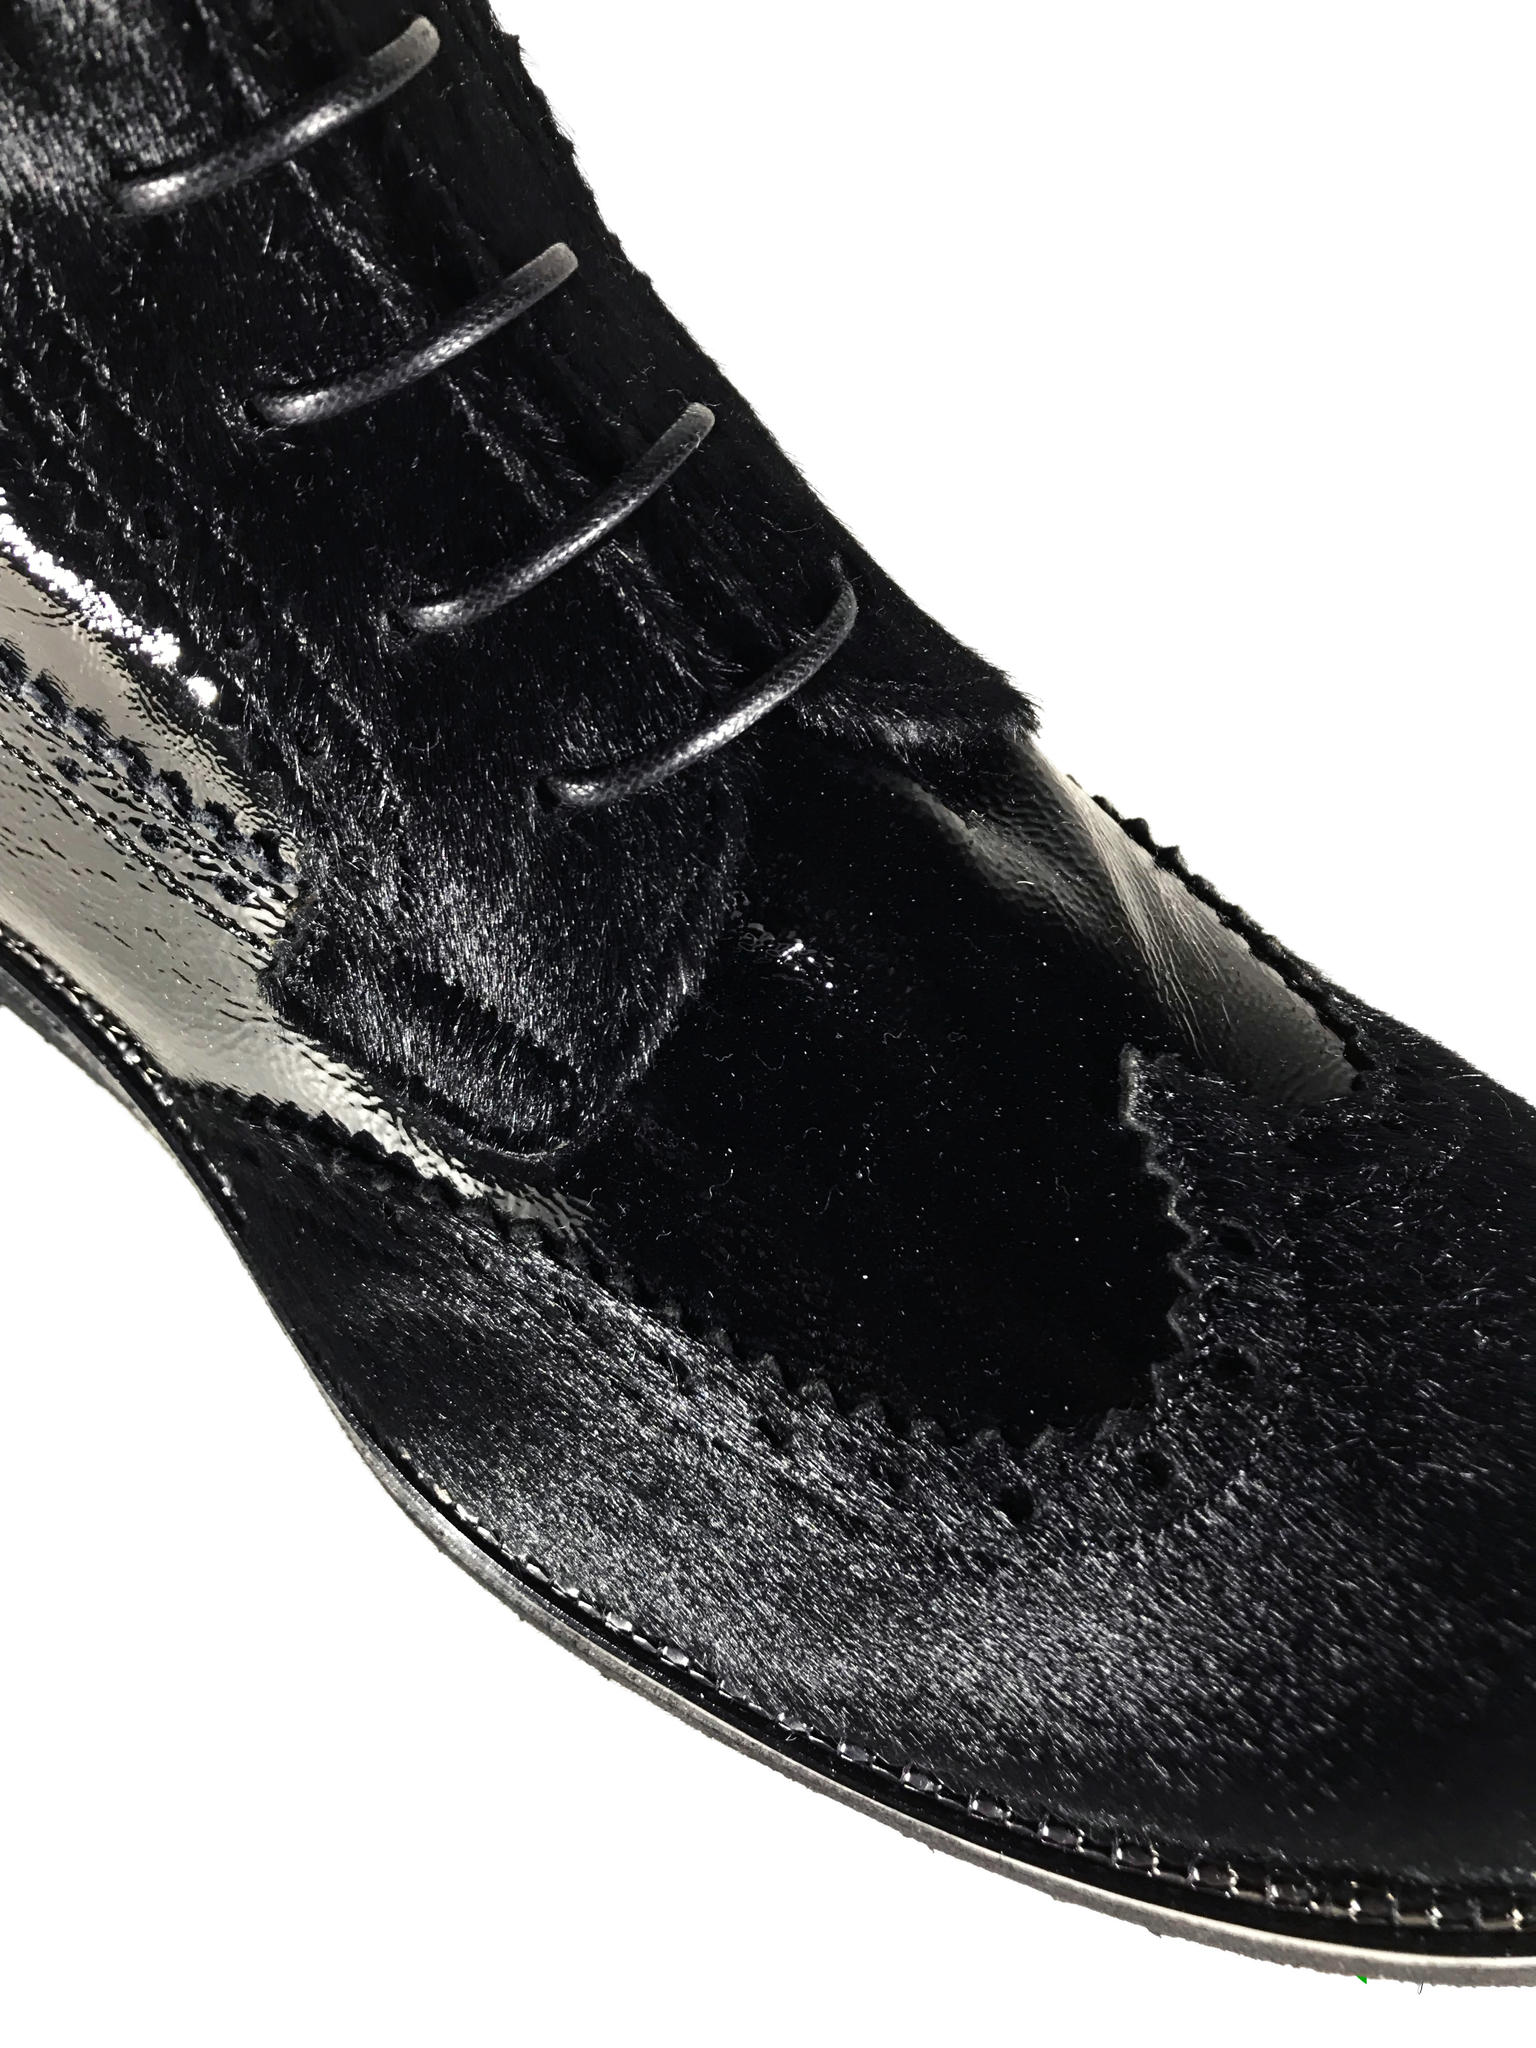 Ботинки Laura Bellariva, артикул 5516, сезон зима, цвет чёрный, материал кожа наплак, мех каваллино, цена 18 500 руб., veroitaly.ru